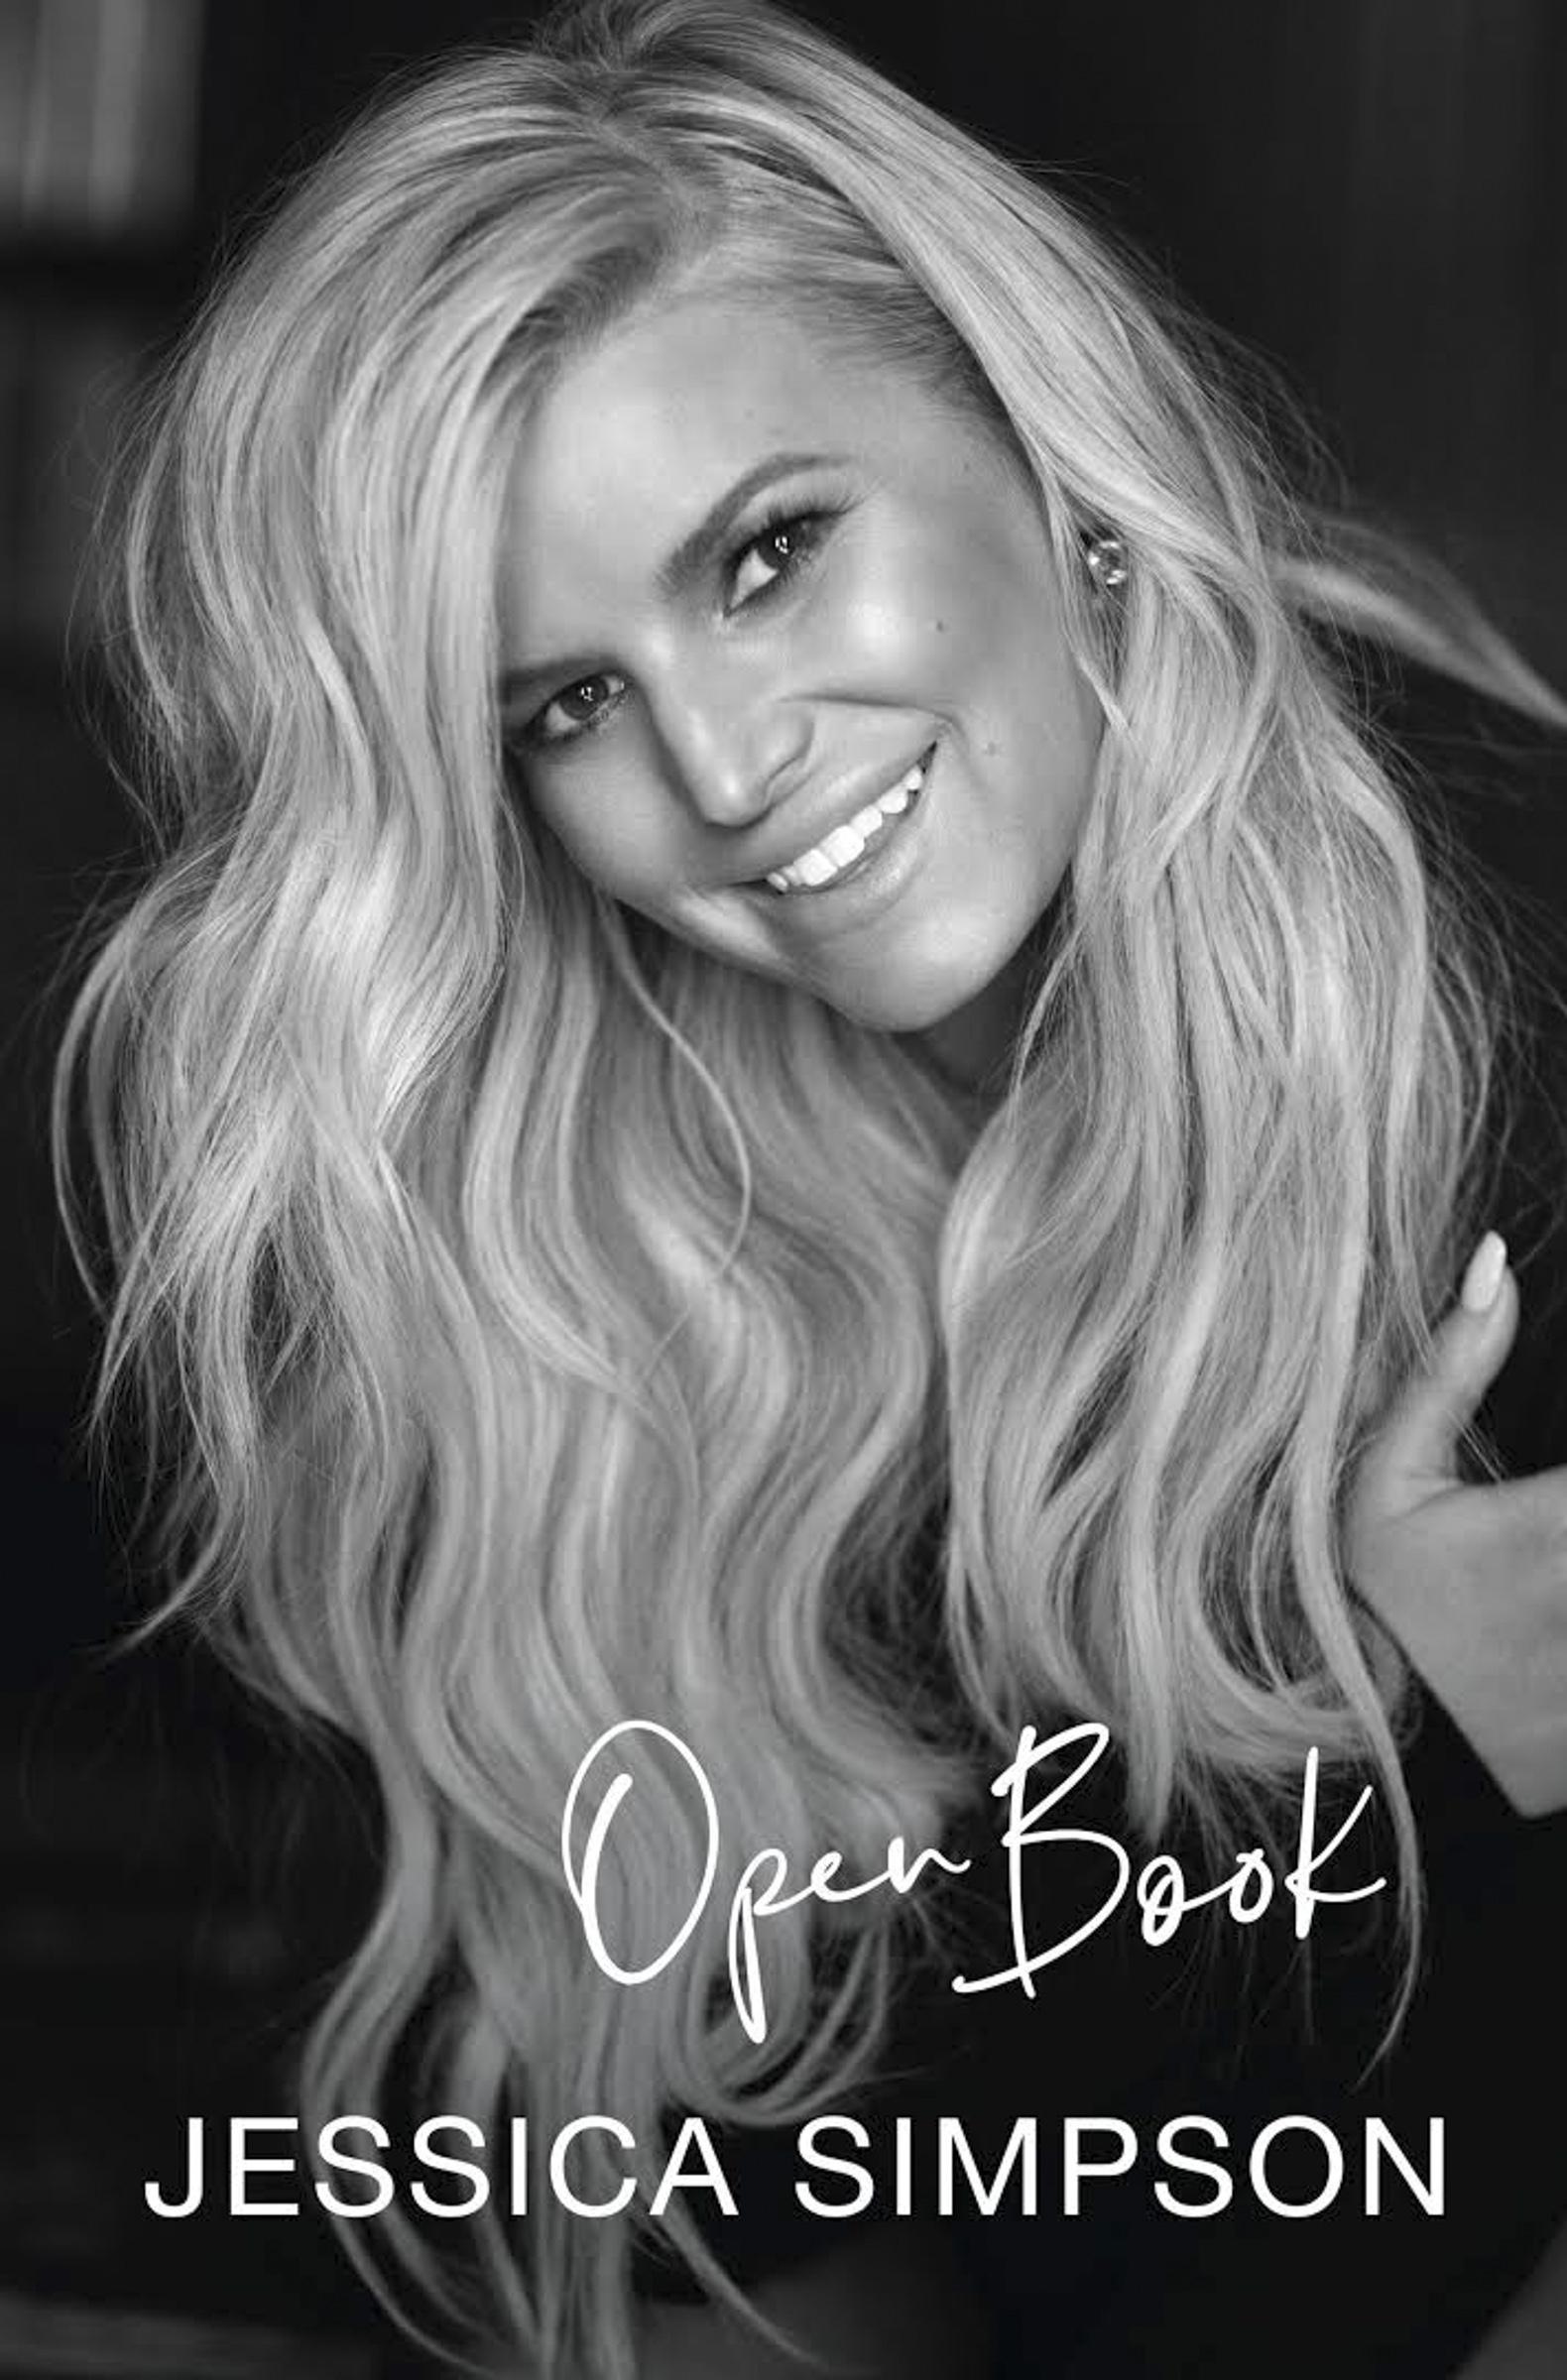 Open Book by Jessica Simpson CR: HarperCollins